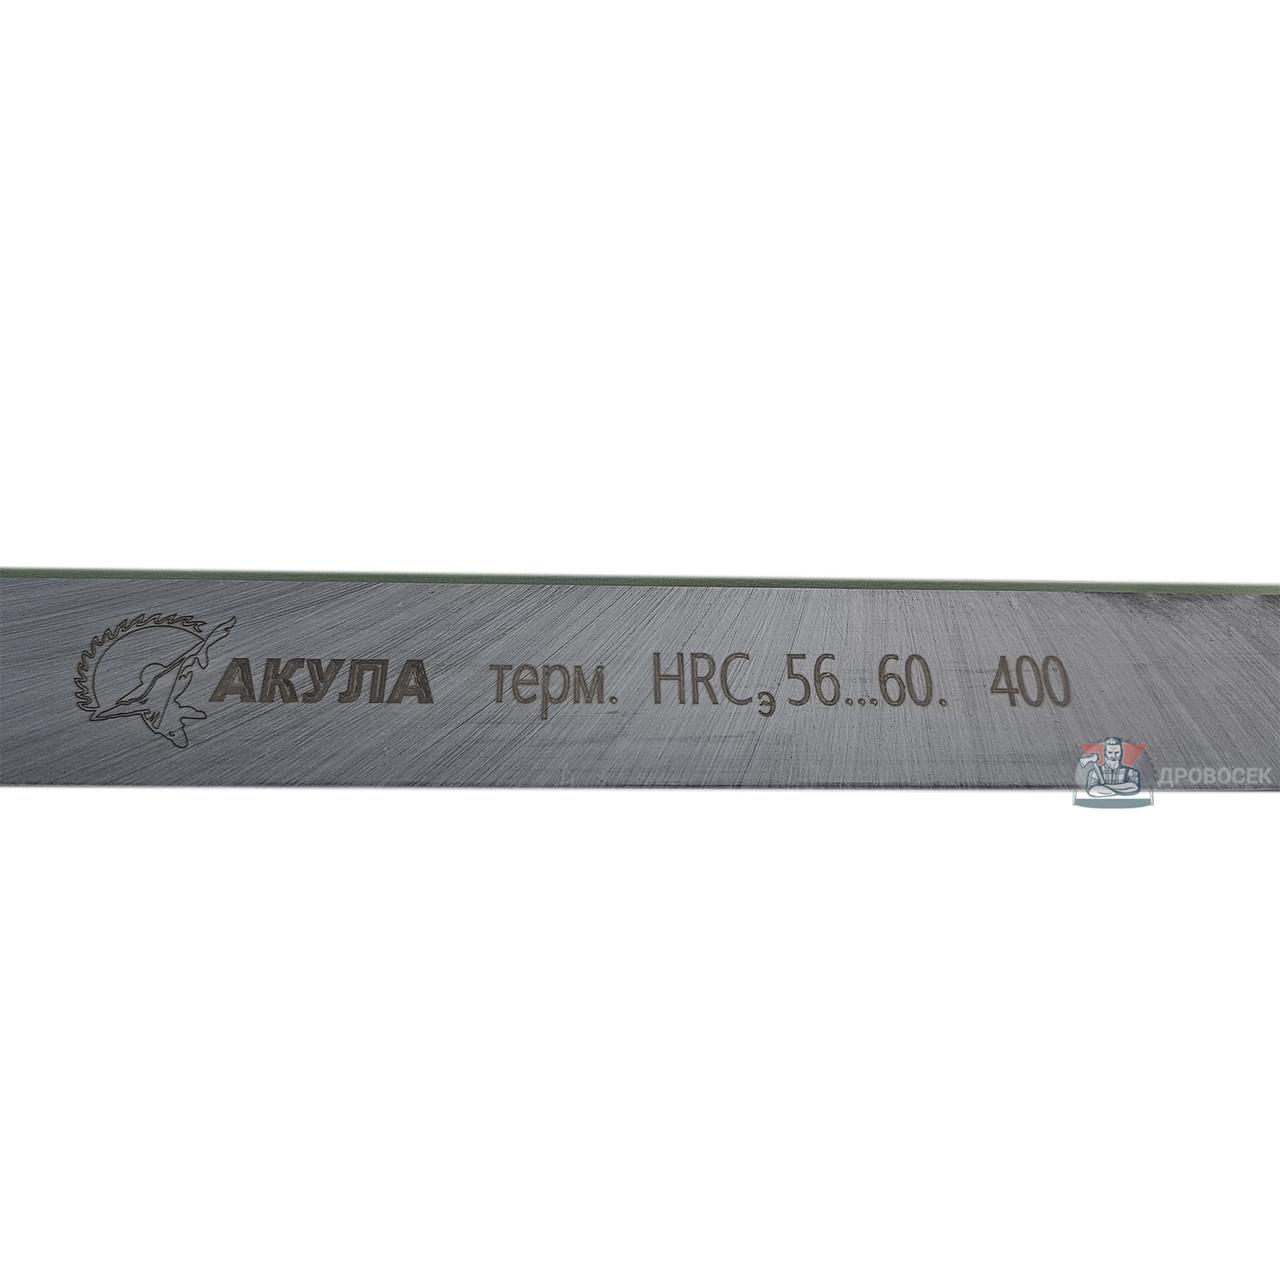 Фирменный профессиональный строгальный нож Акула (заточен с 1 стороны) 400 мм на 40 мм